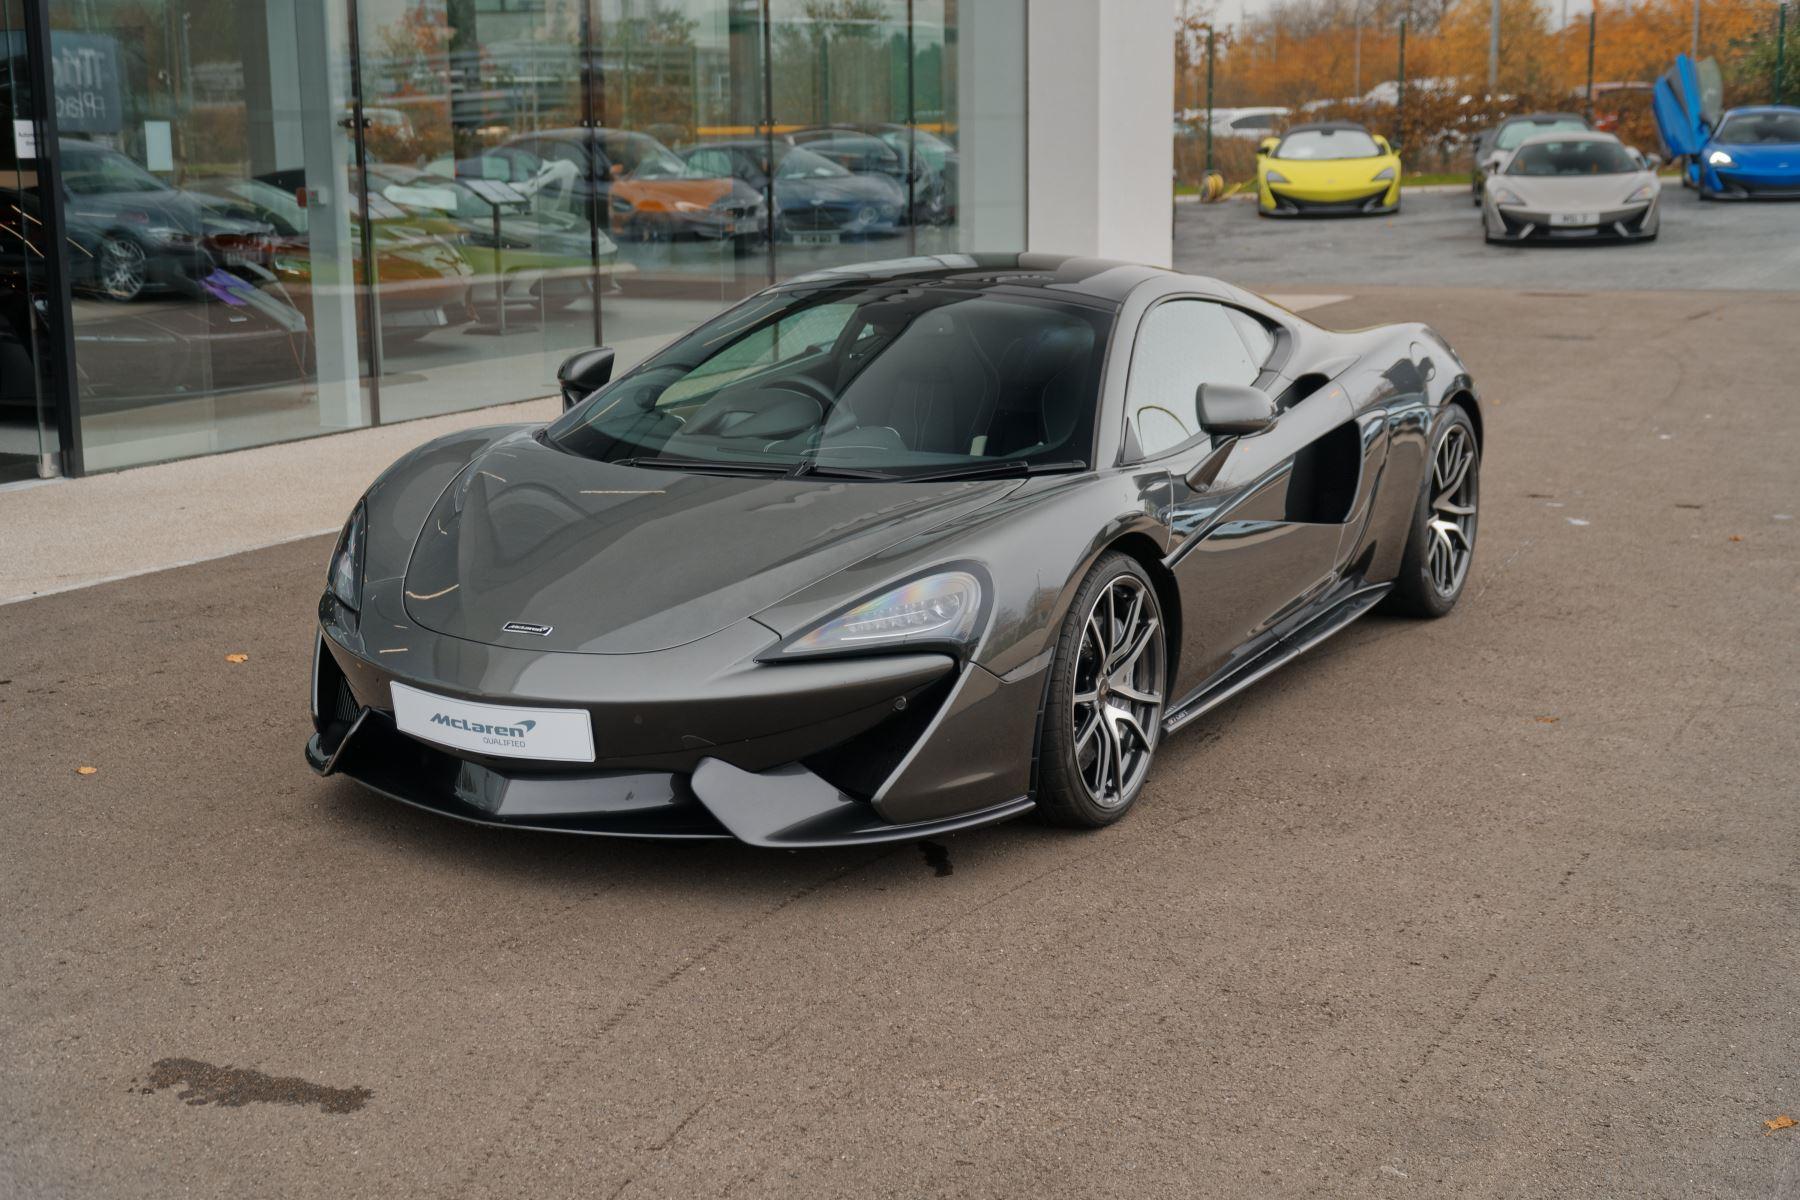 McLaren 570GT V8 2dr SSG 3.8 Automatic 3 door Coupe (2018) image